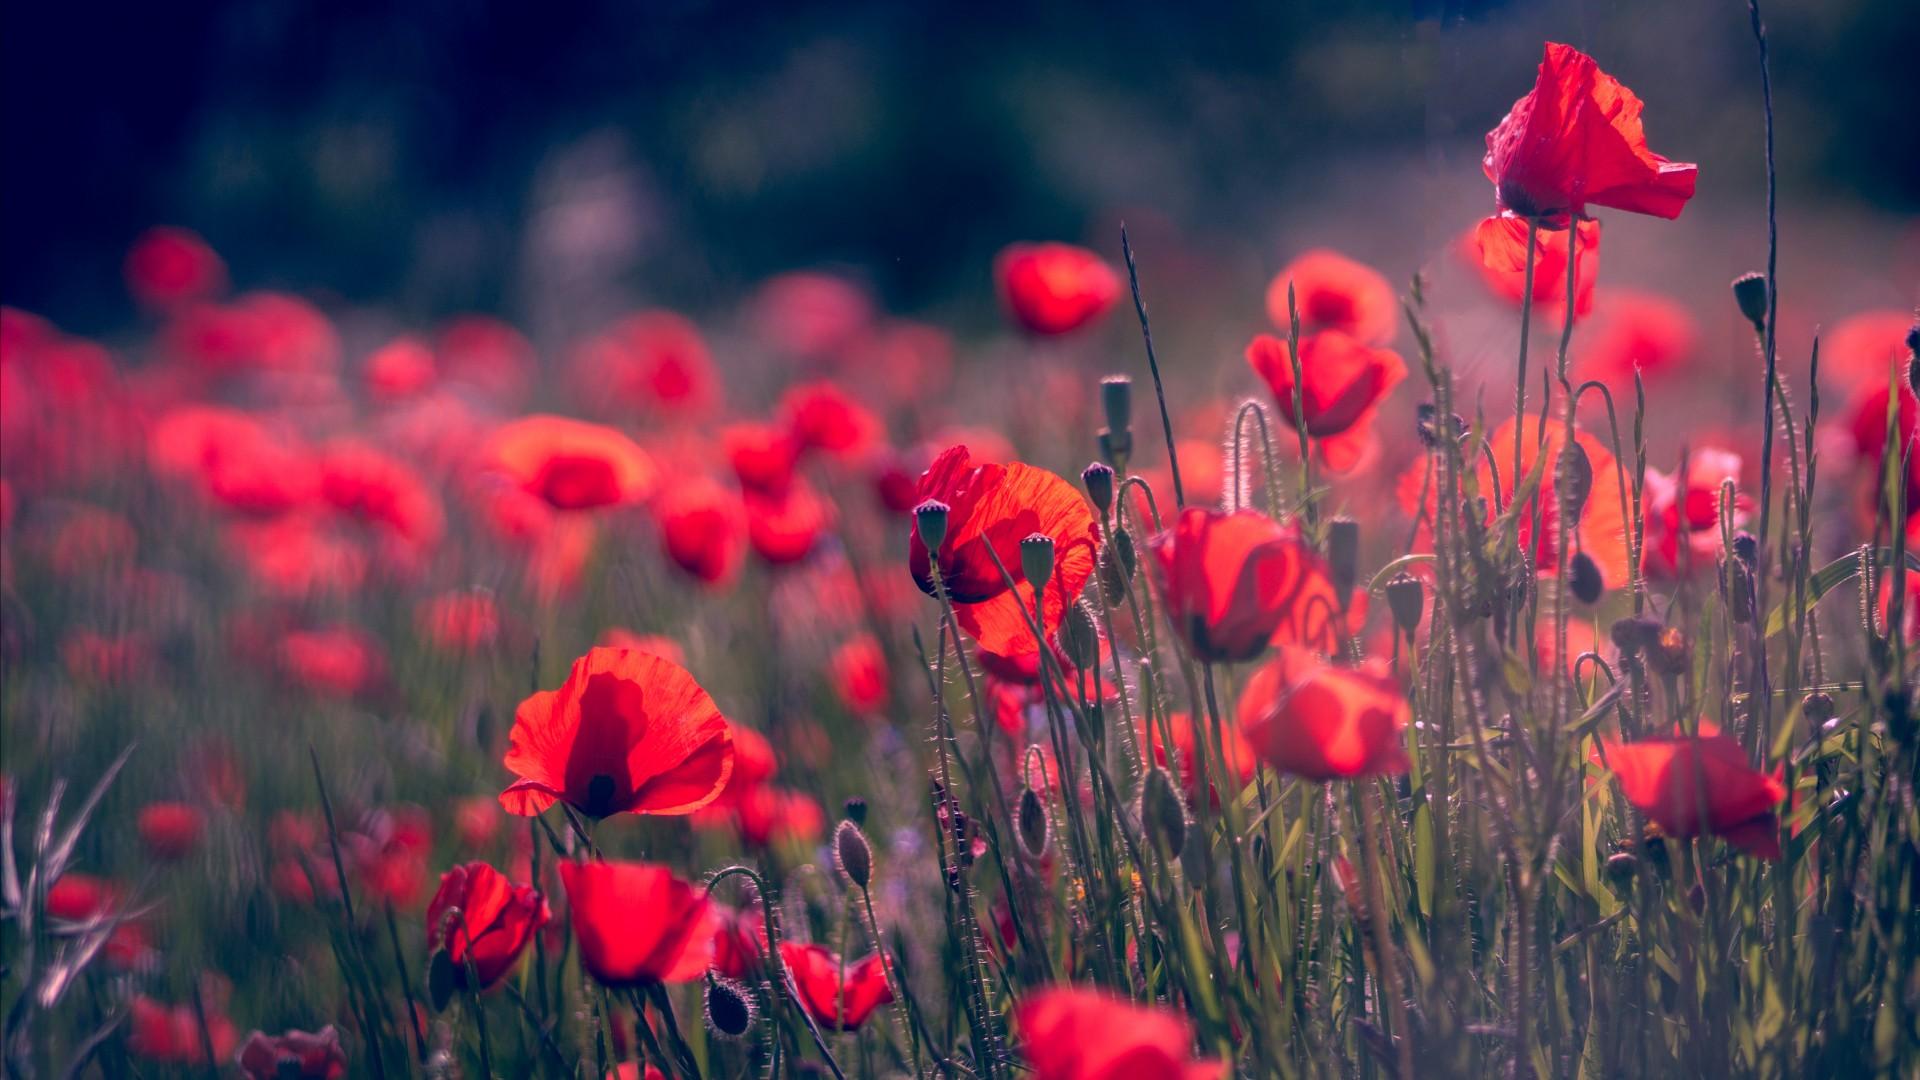 Wallpaper Poppy Red Flower Summer 4K 5K Nature